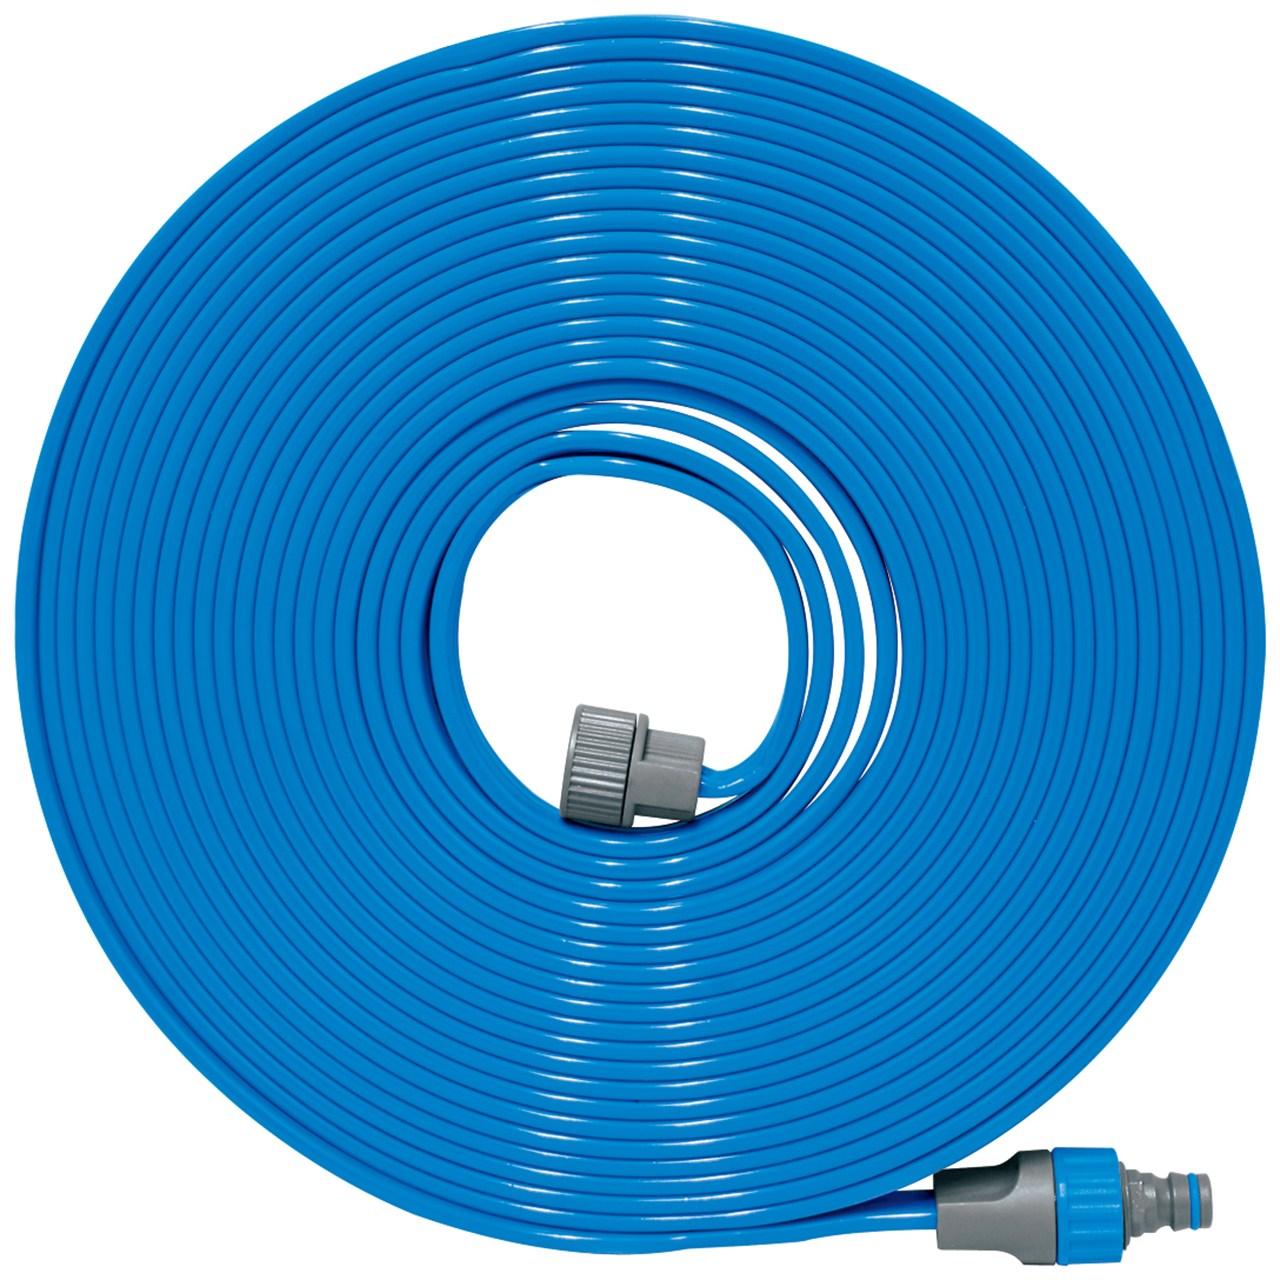 شلنگ آبیاری قطره ای 15 متری آکواکرفت مدل 860010